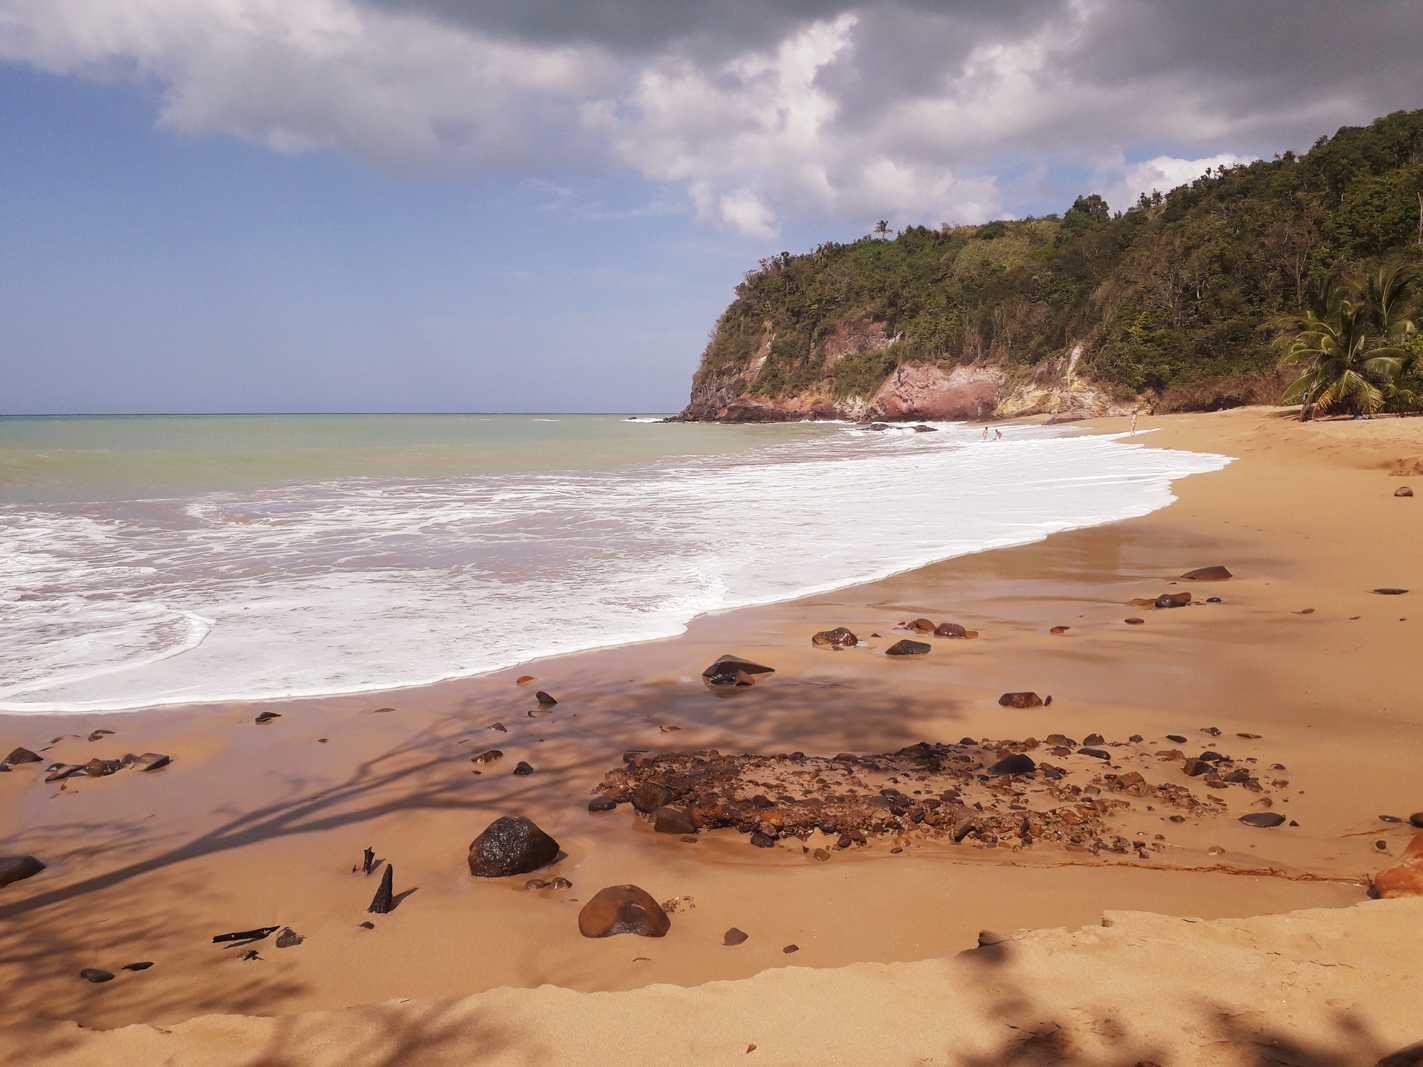 Plage Guadeloupe : plage de l'Anse Tillet